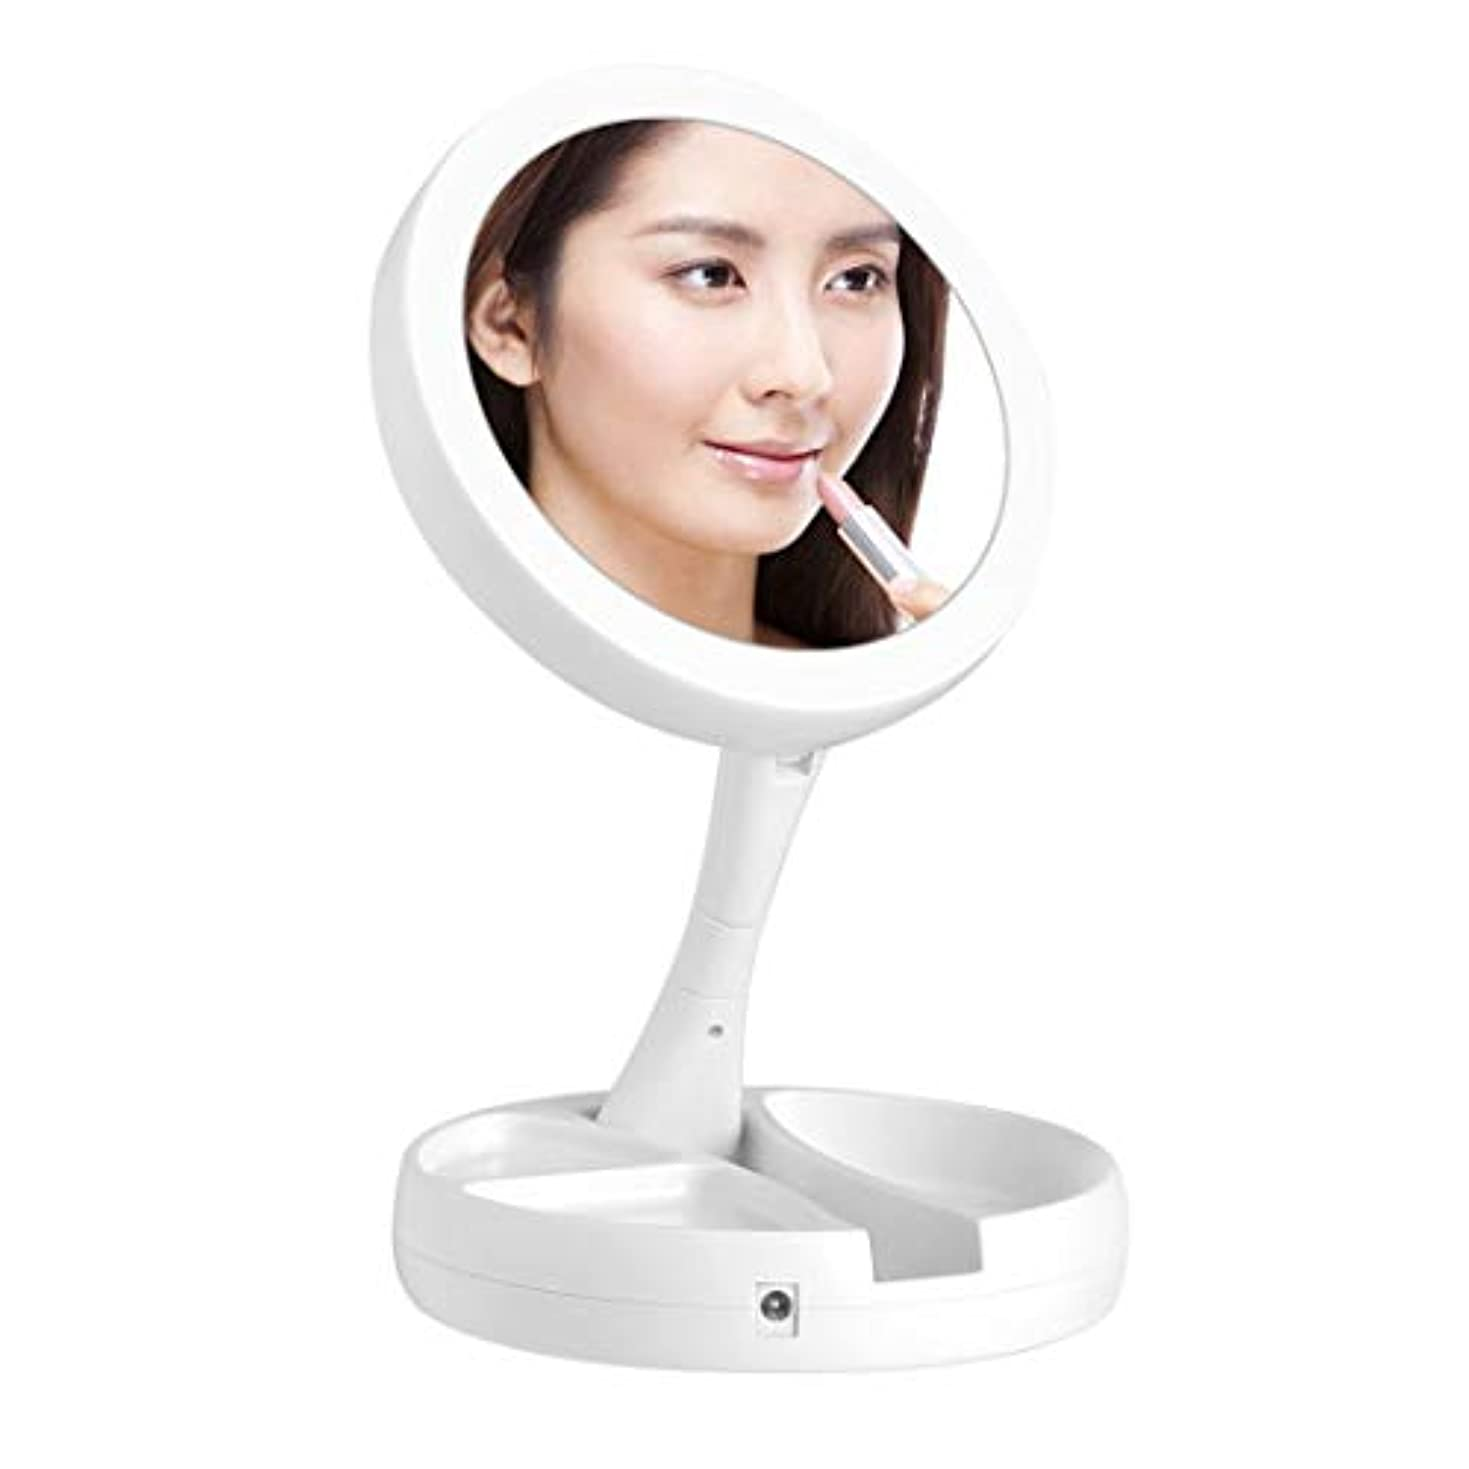 スパーク更新するどうやらkamaa化粧鏡 化粧ミラー 女優ミラー LED両面鏡 鏡 10倍拡大鏡付き 折り畳み式 卓上 テーブルランプUSB/電池給電 180°回転